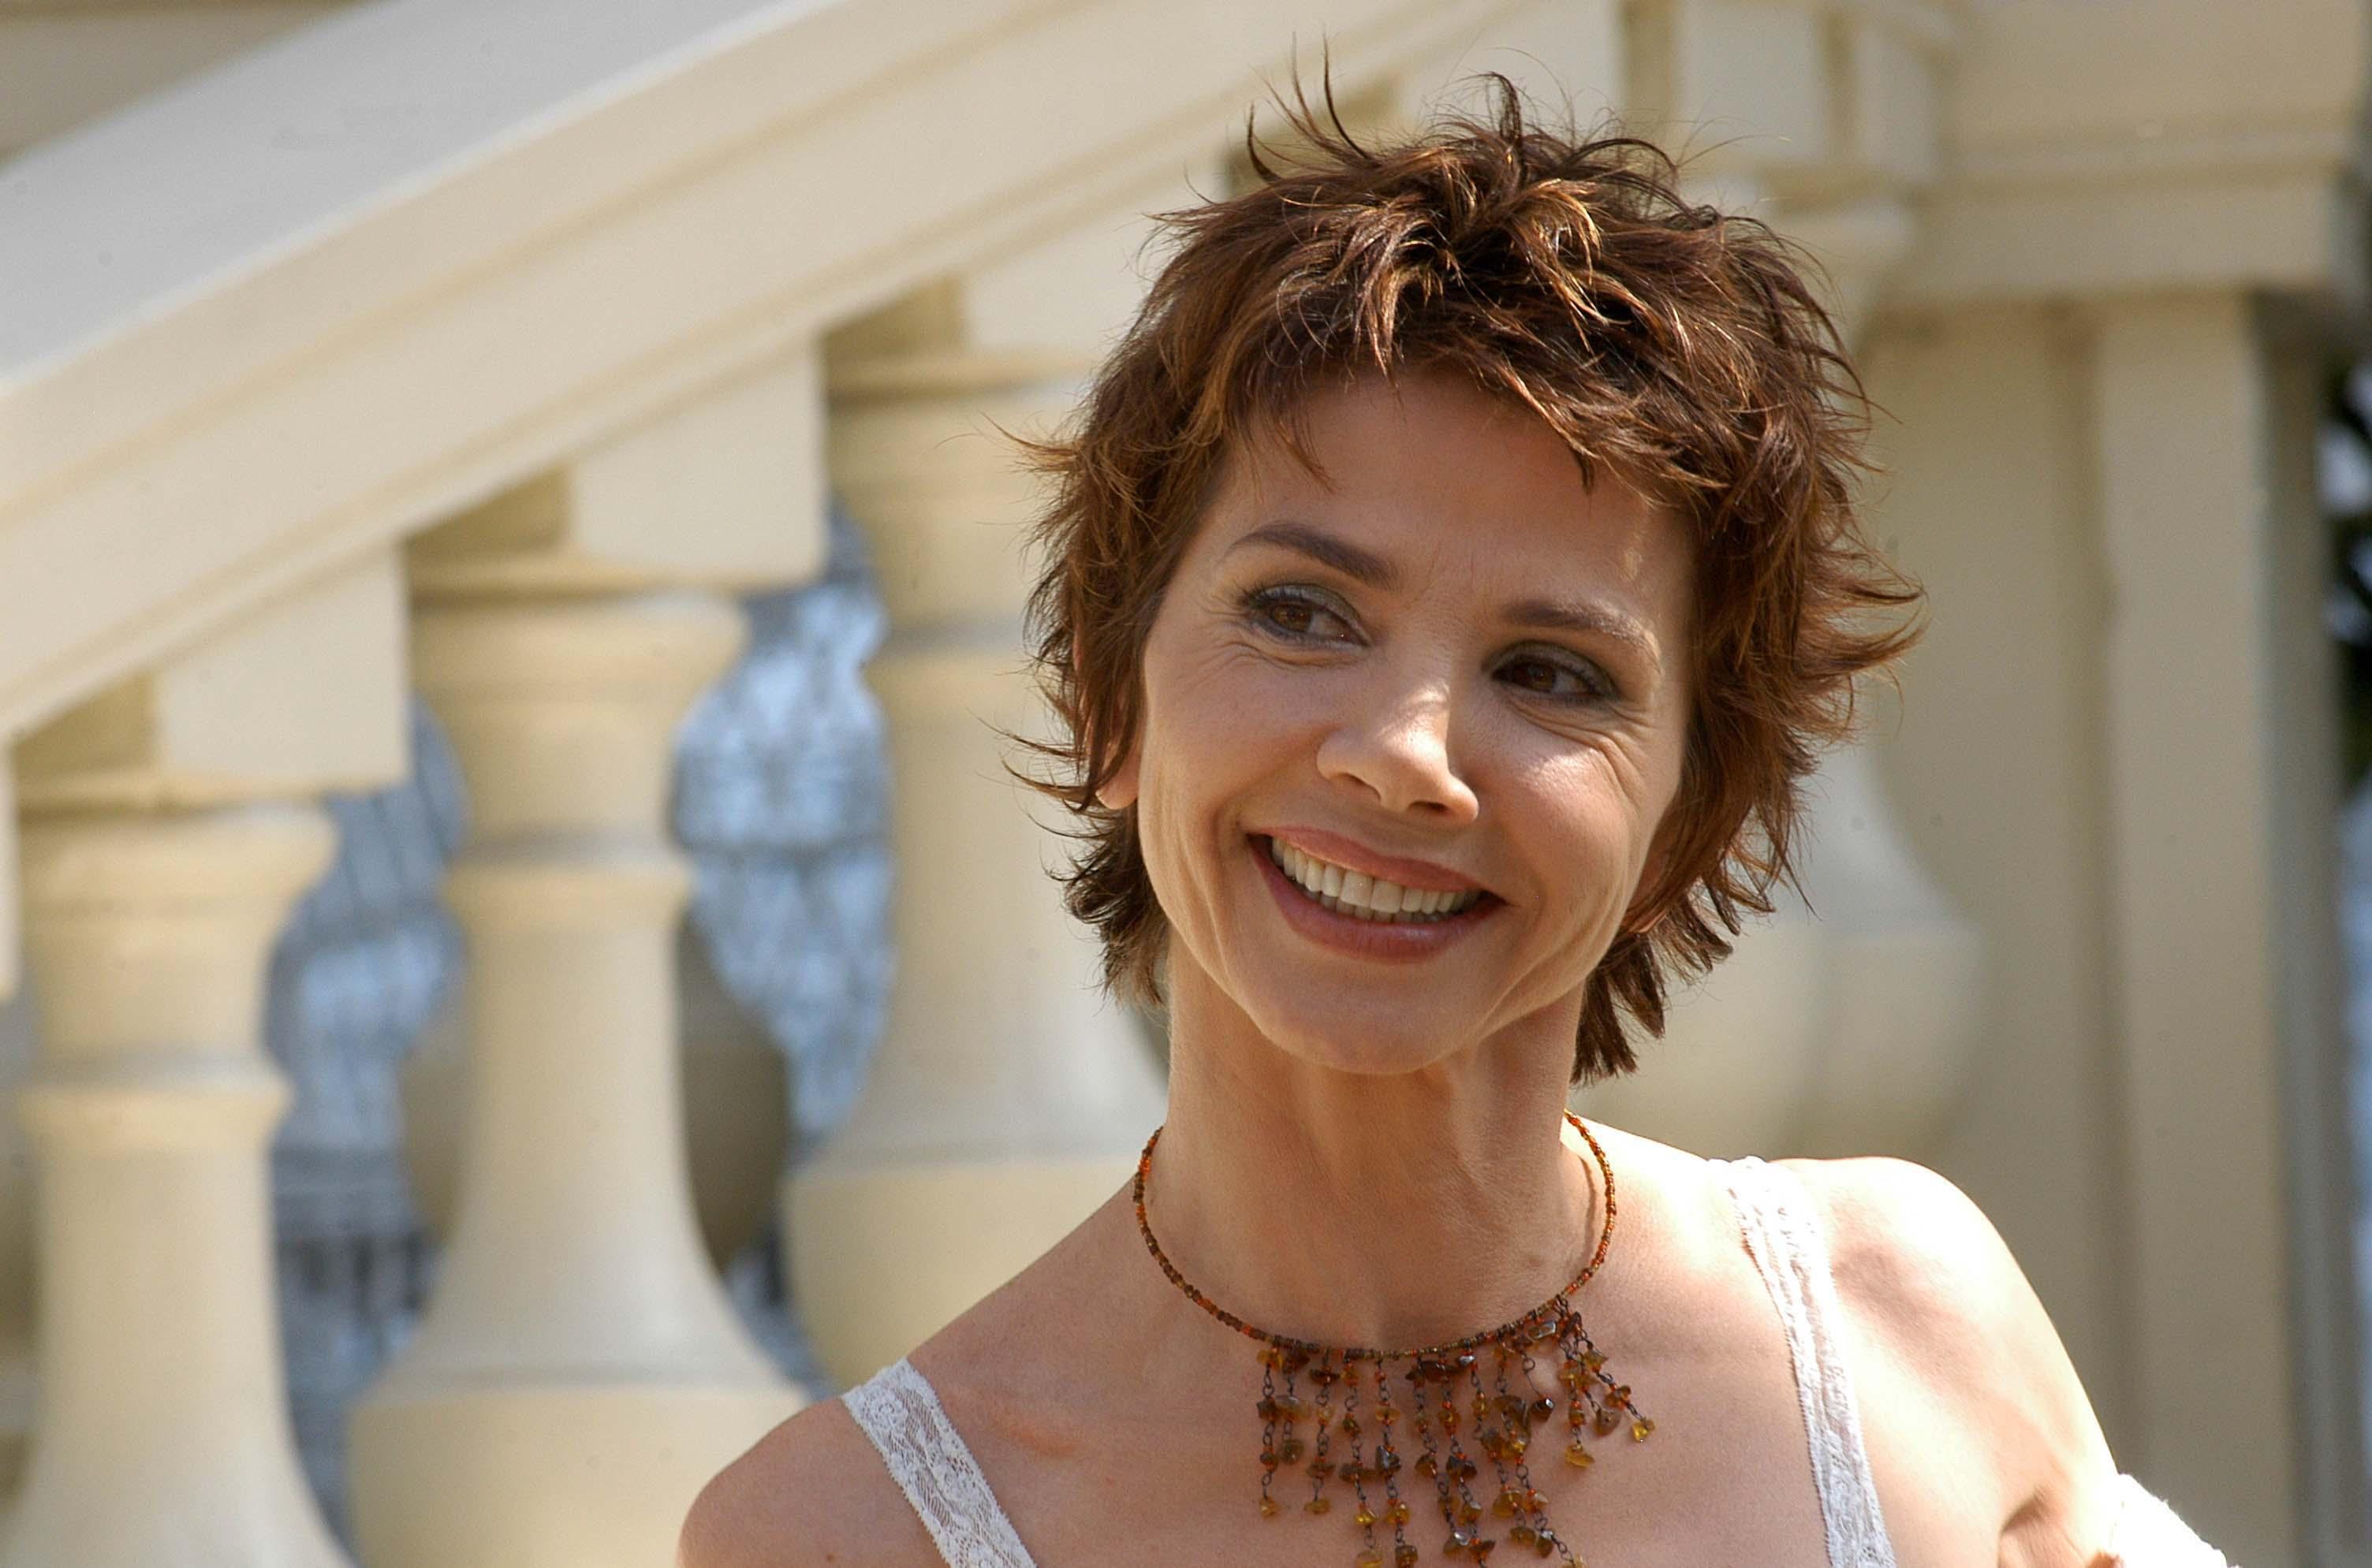 Actriz Victoria Abril, invitada de honor a la edición 30 del Festival Internacional de Cine.